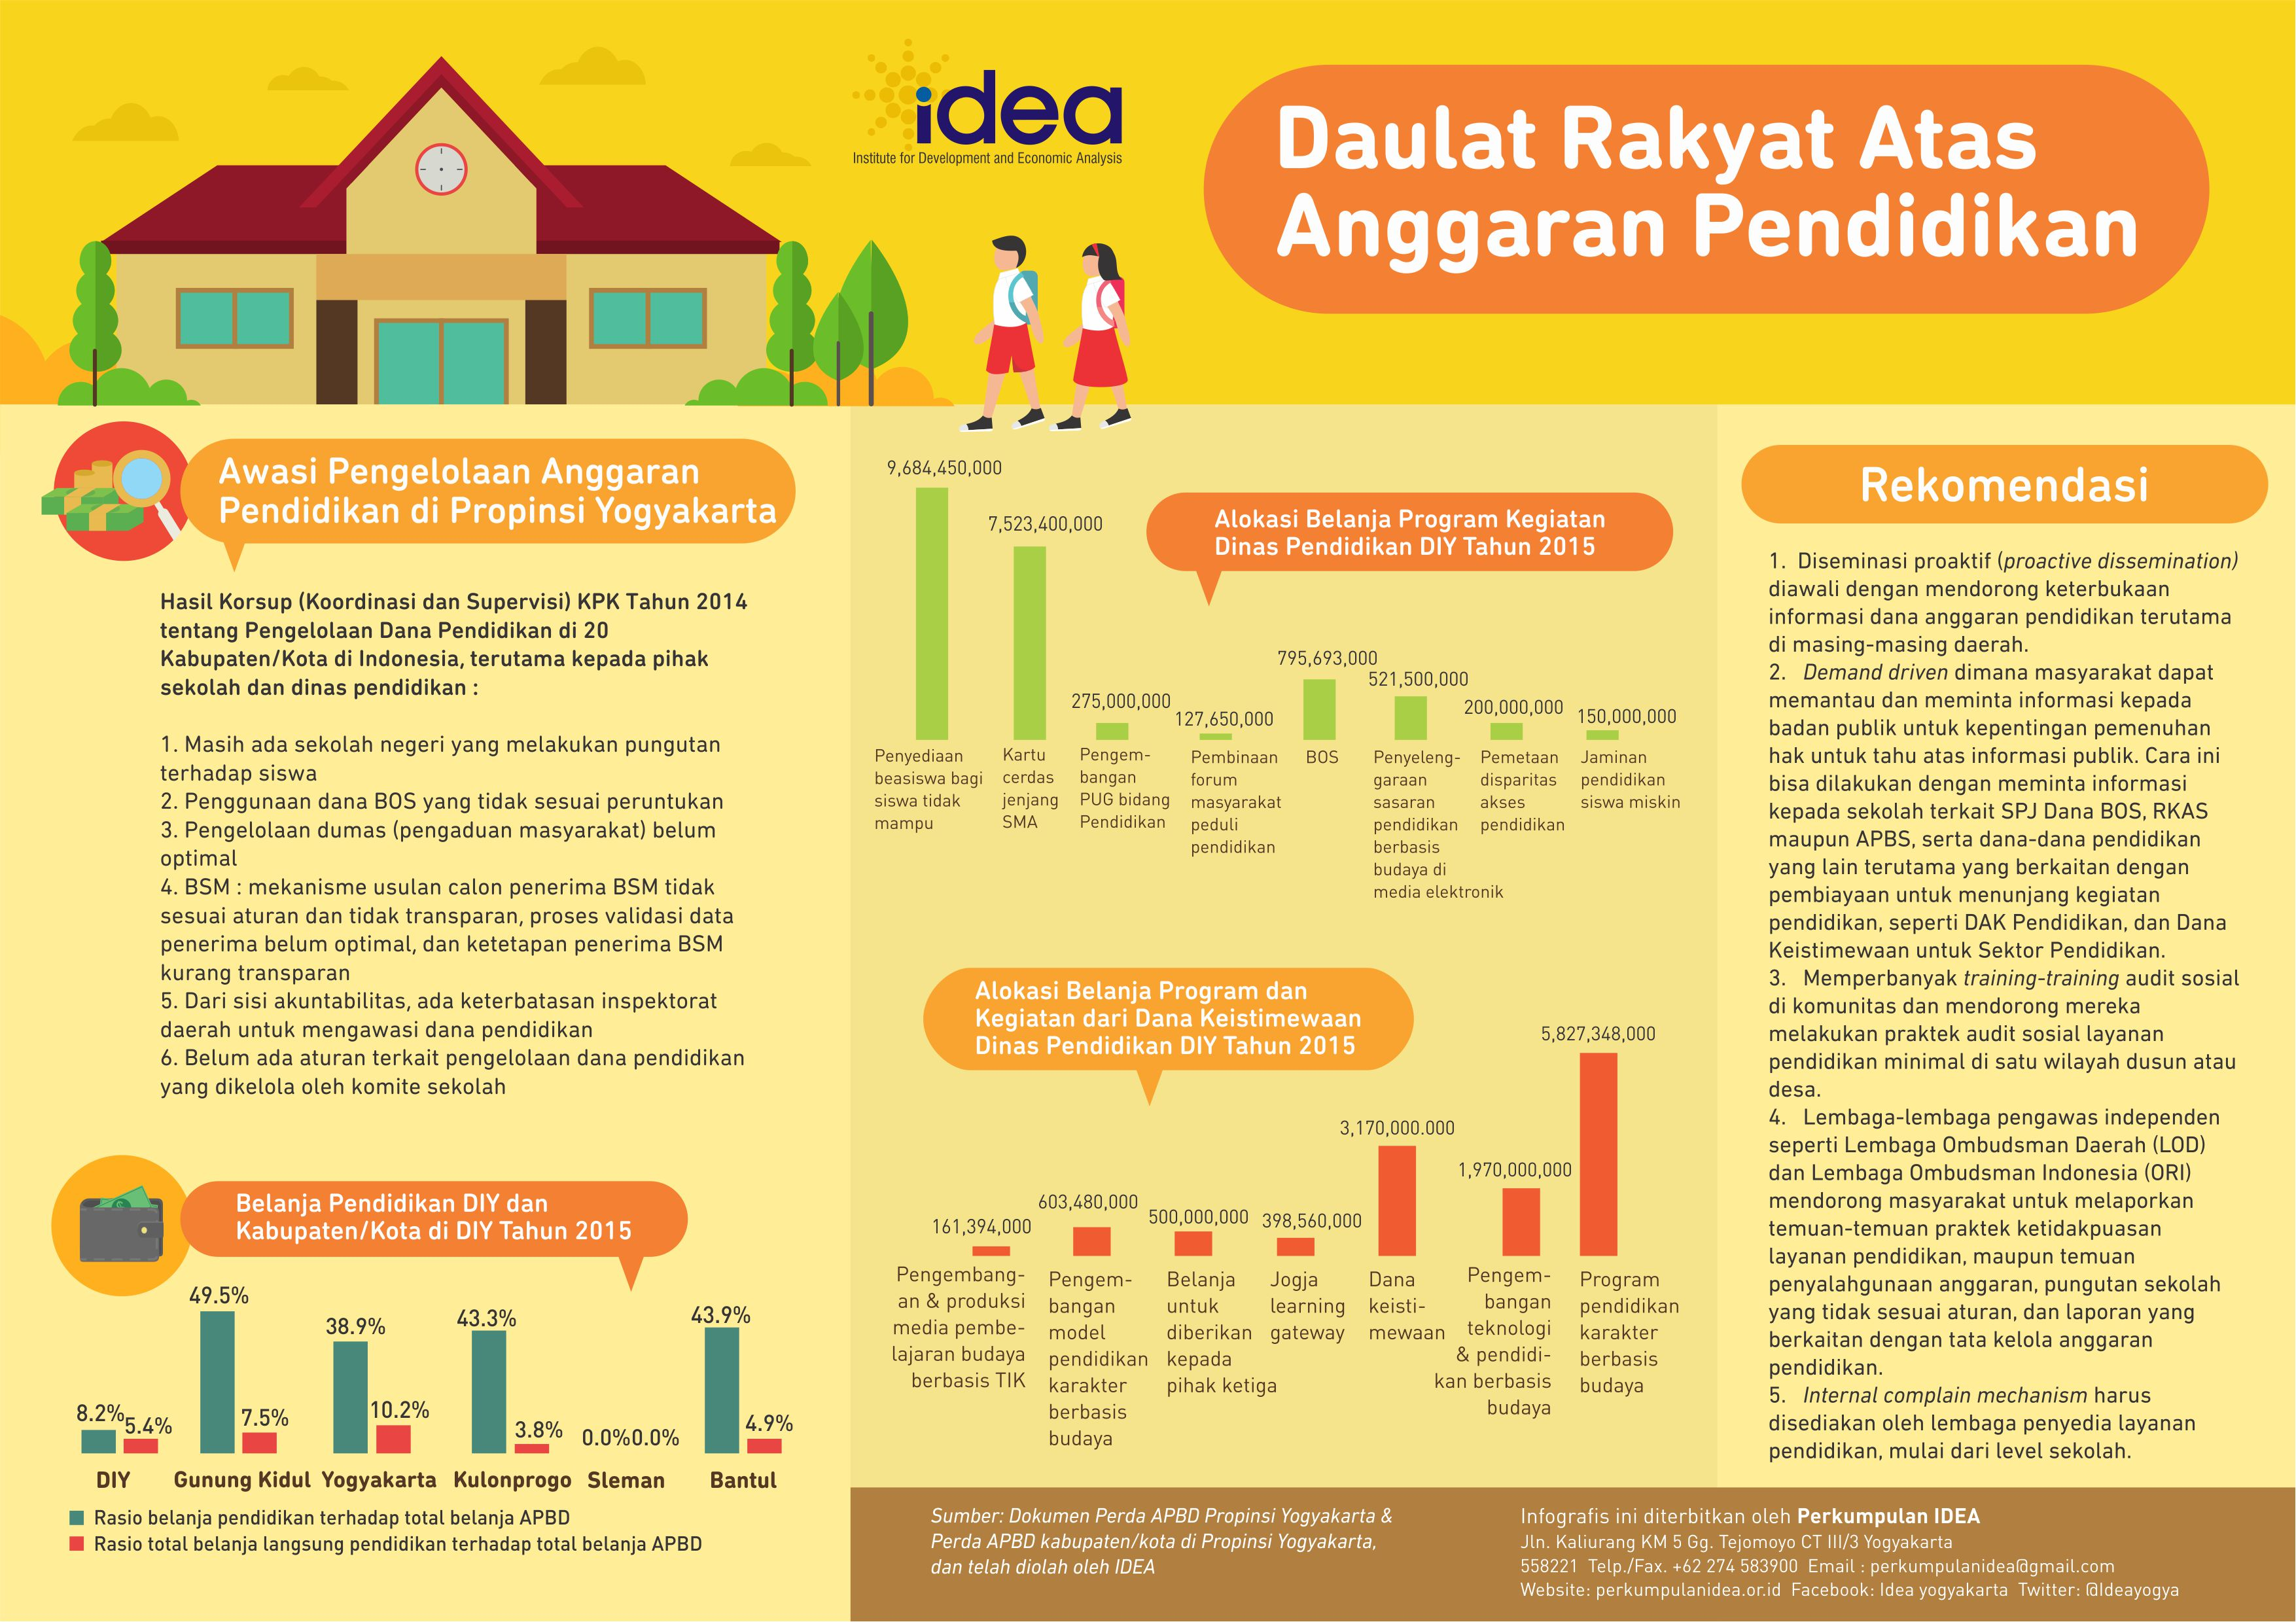 Infografis Daulat Rakyat Atas Anggaran Pendidikan